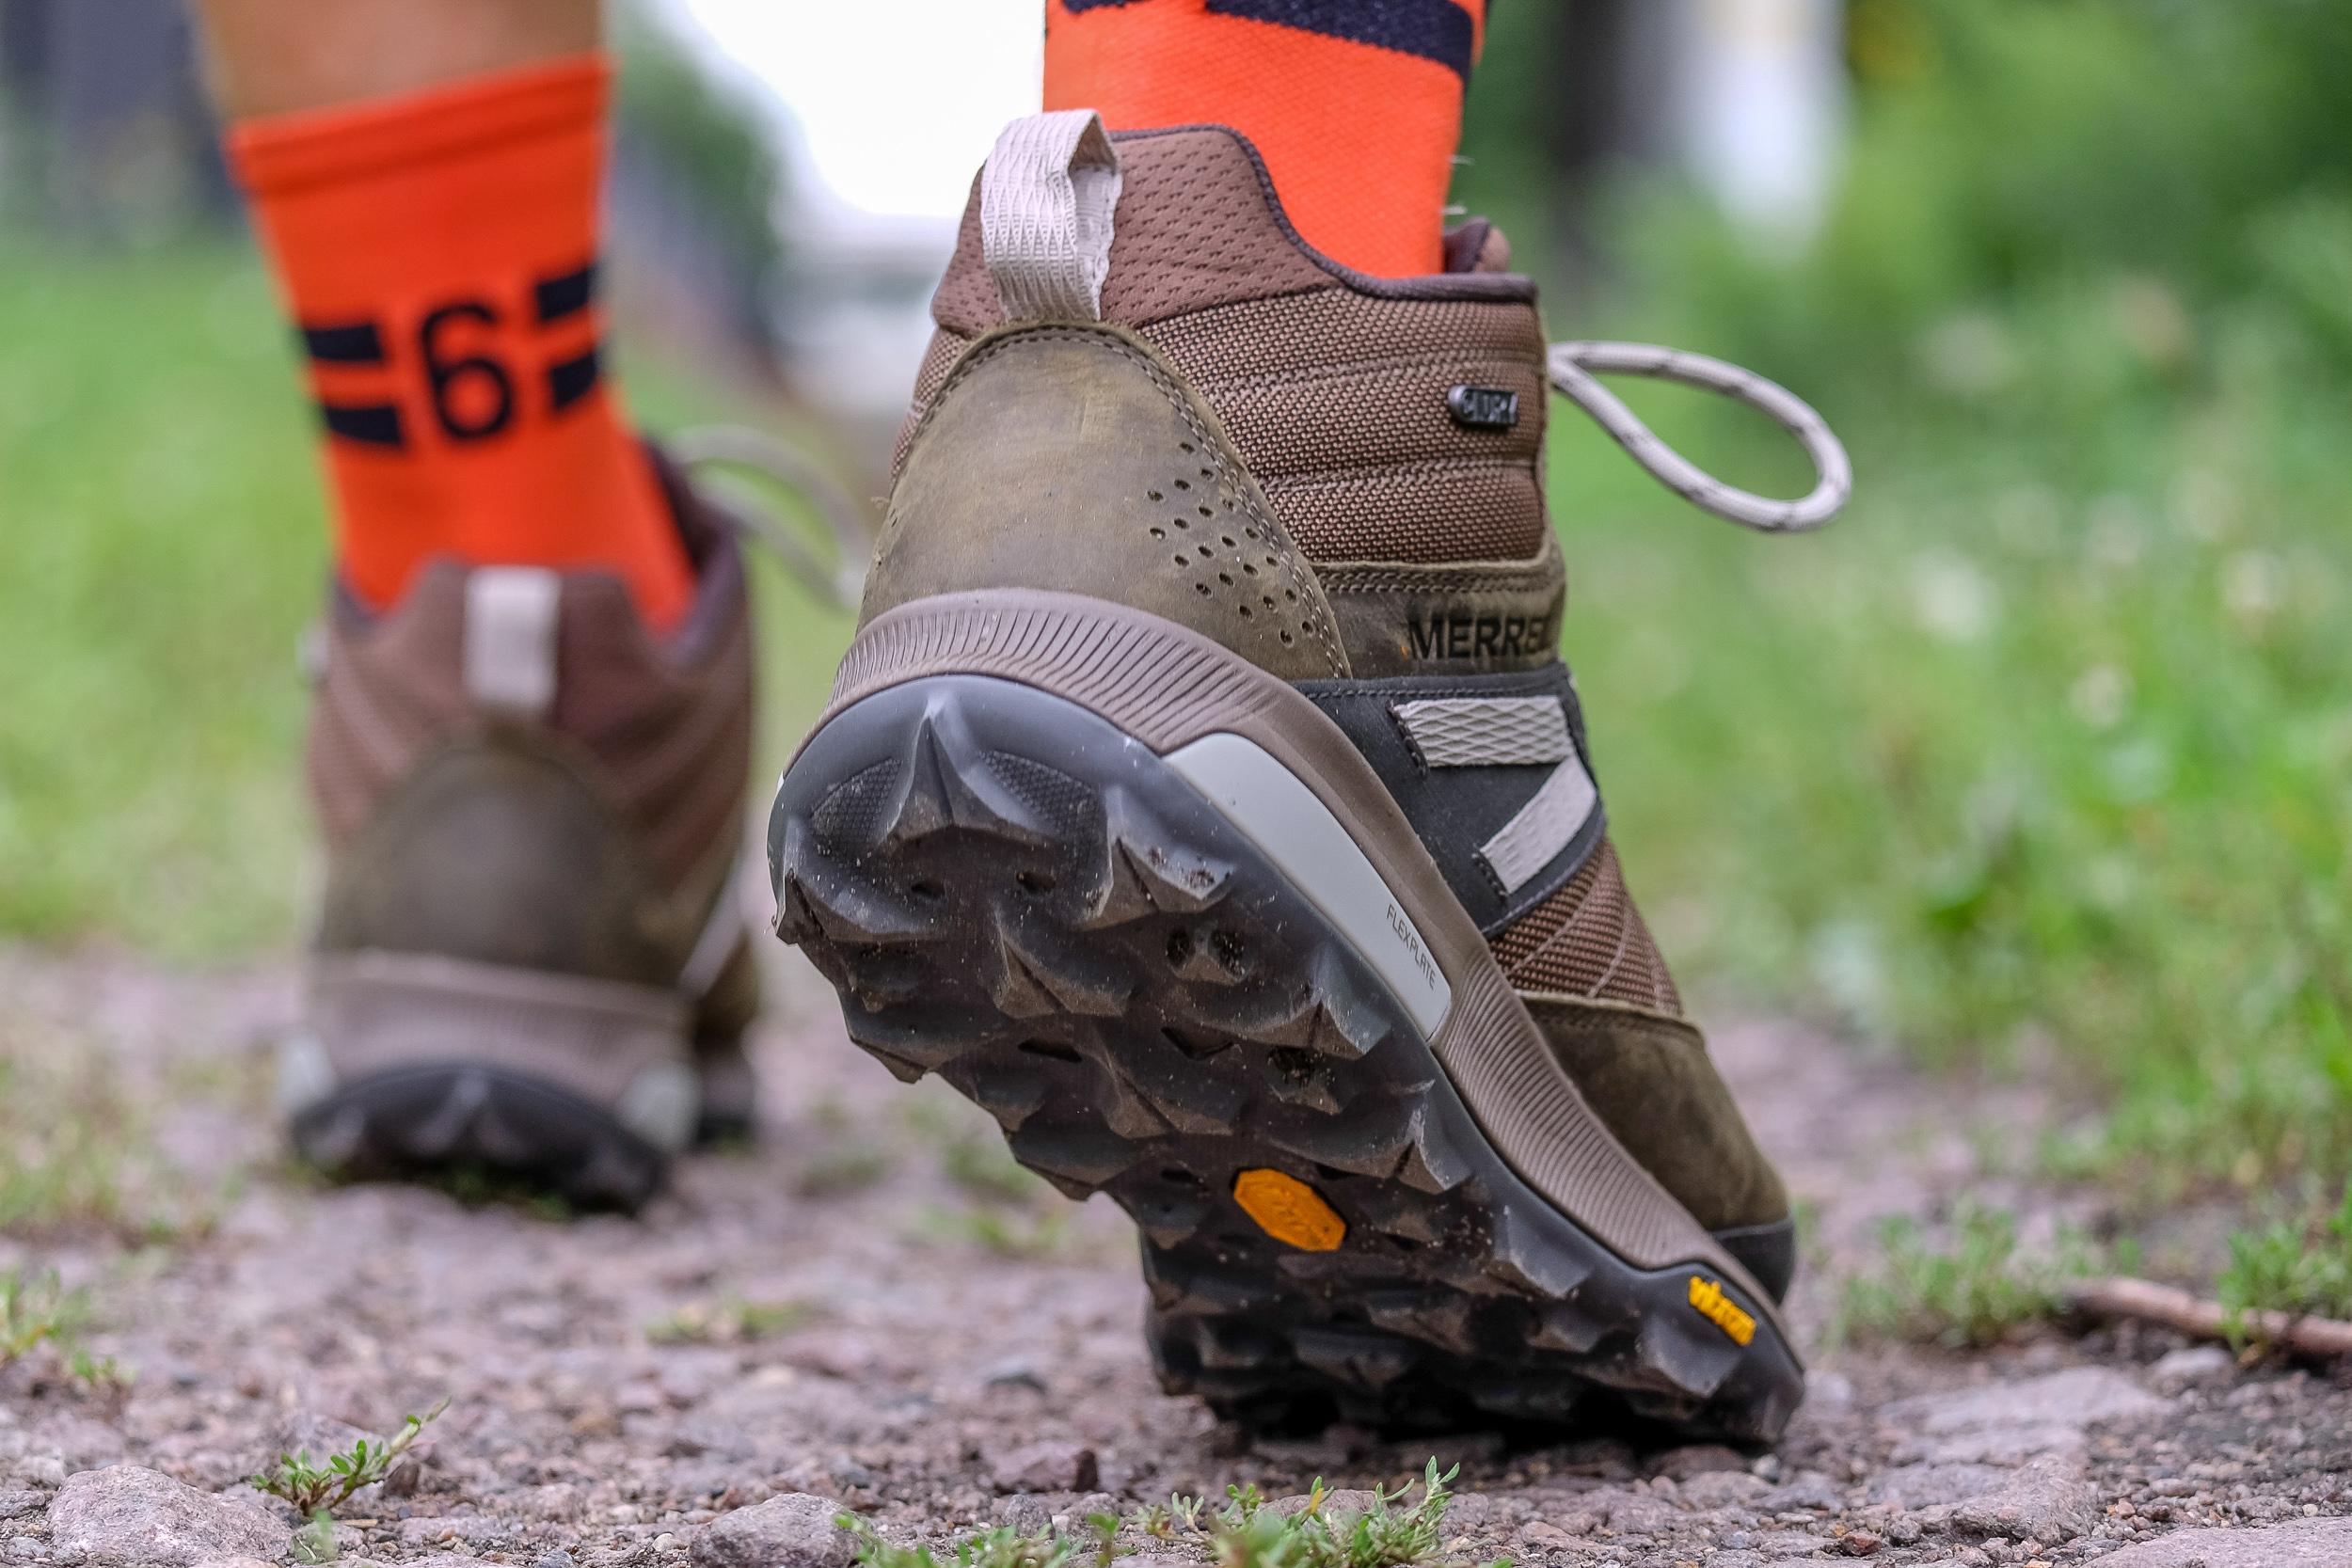 Merrell Zion: Sneaker Soul, Hiking Goal